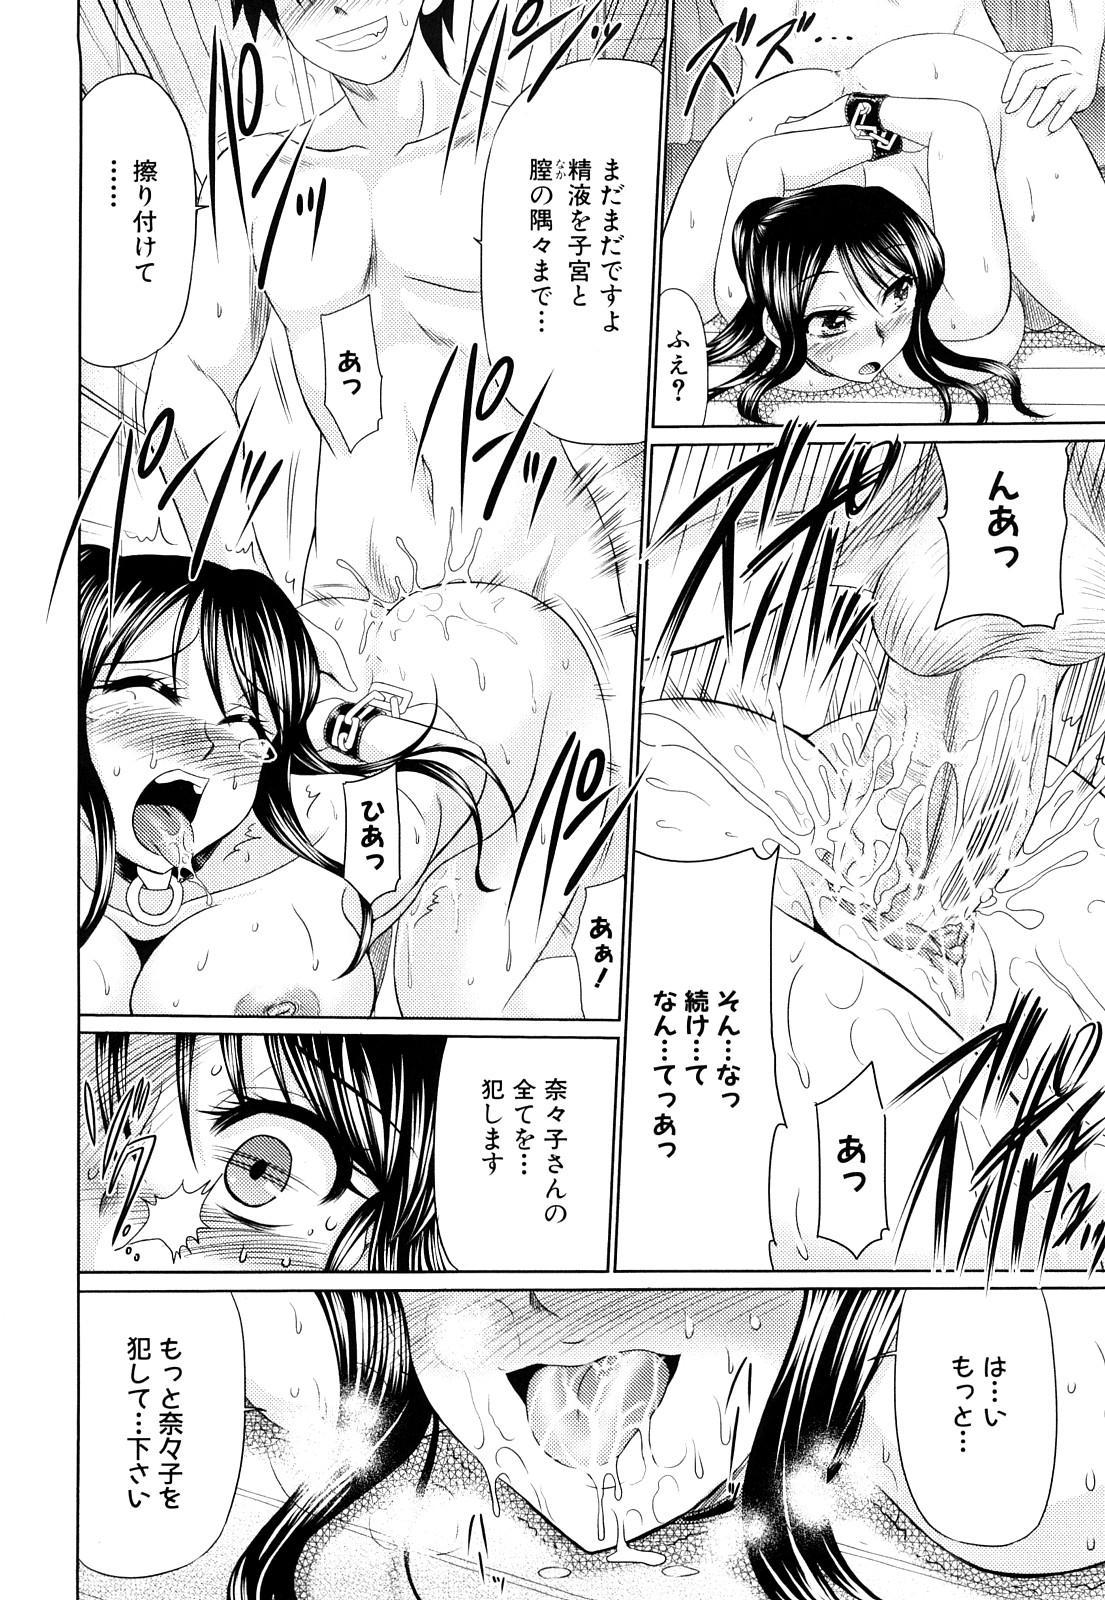 Nikuyoku Analyze 120